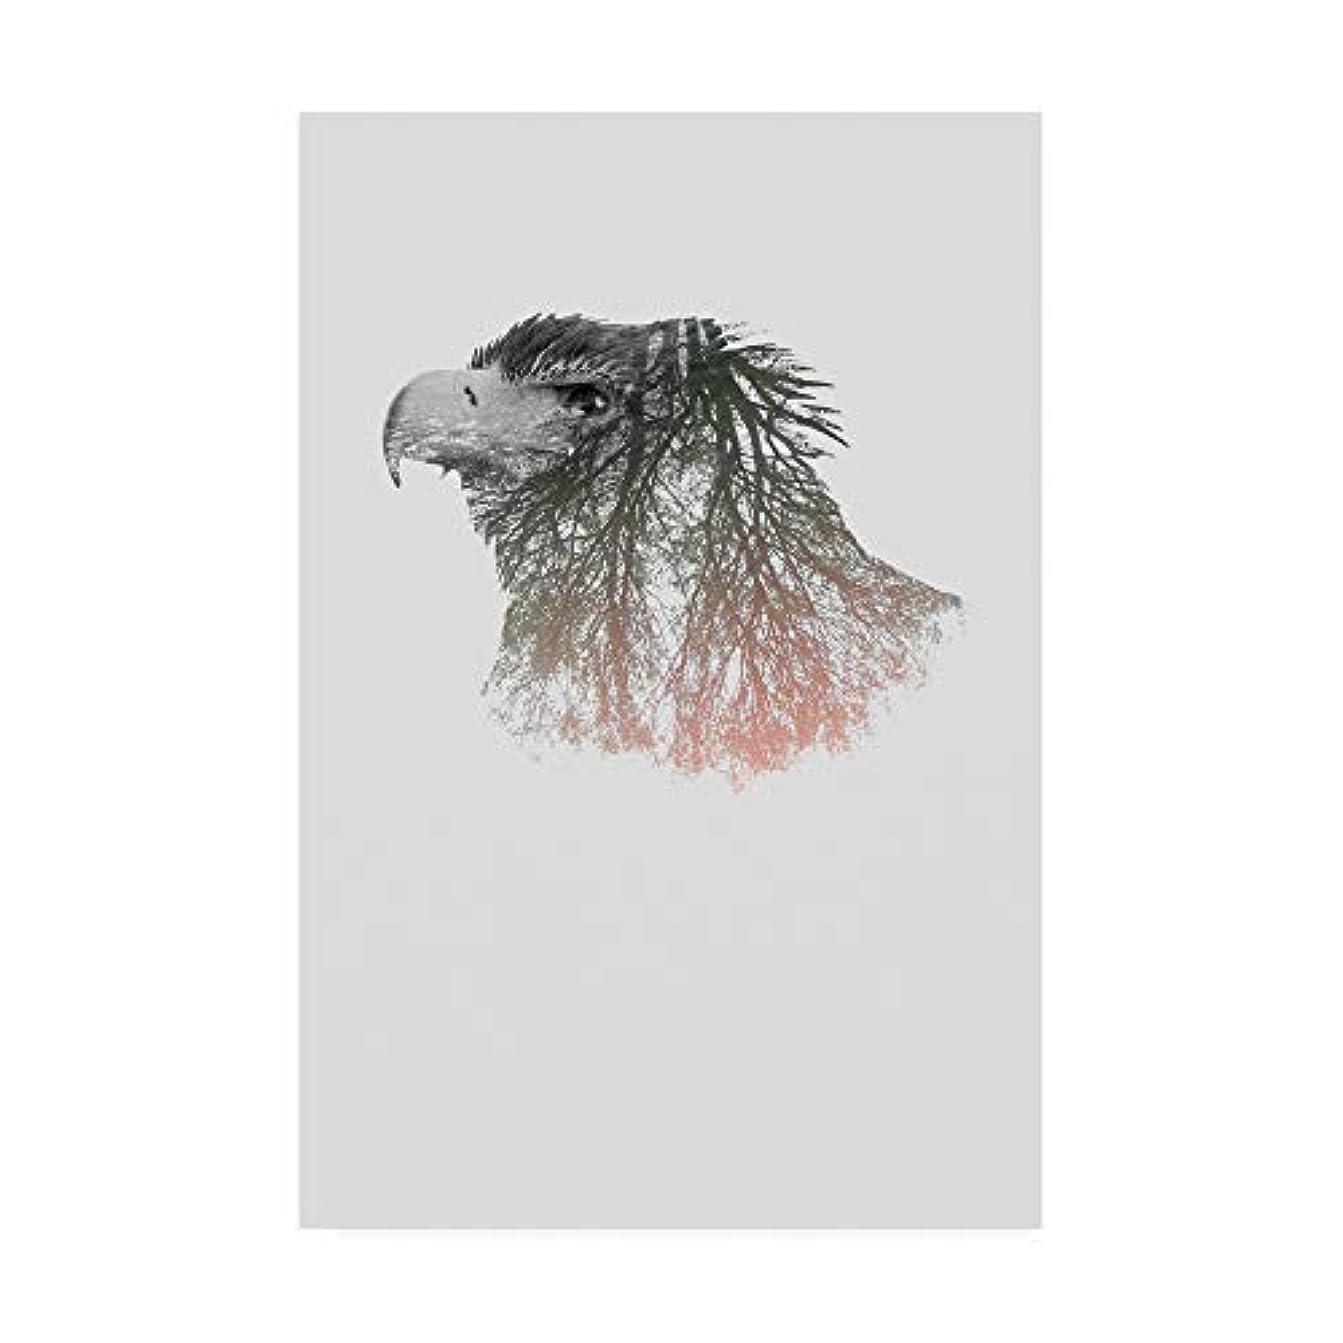 支出一瞬リストTrademark Fine Art IC01758-C1219GG Eye of The Forest I Clean Nature製 12x19 複数 12x19 IC01758-C1219GG